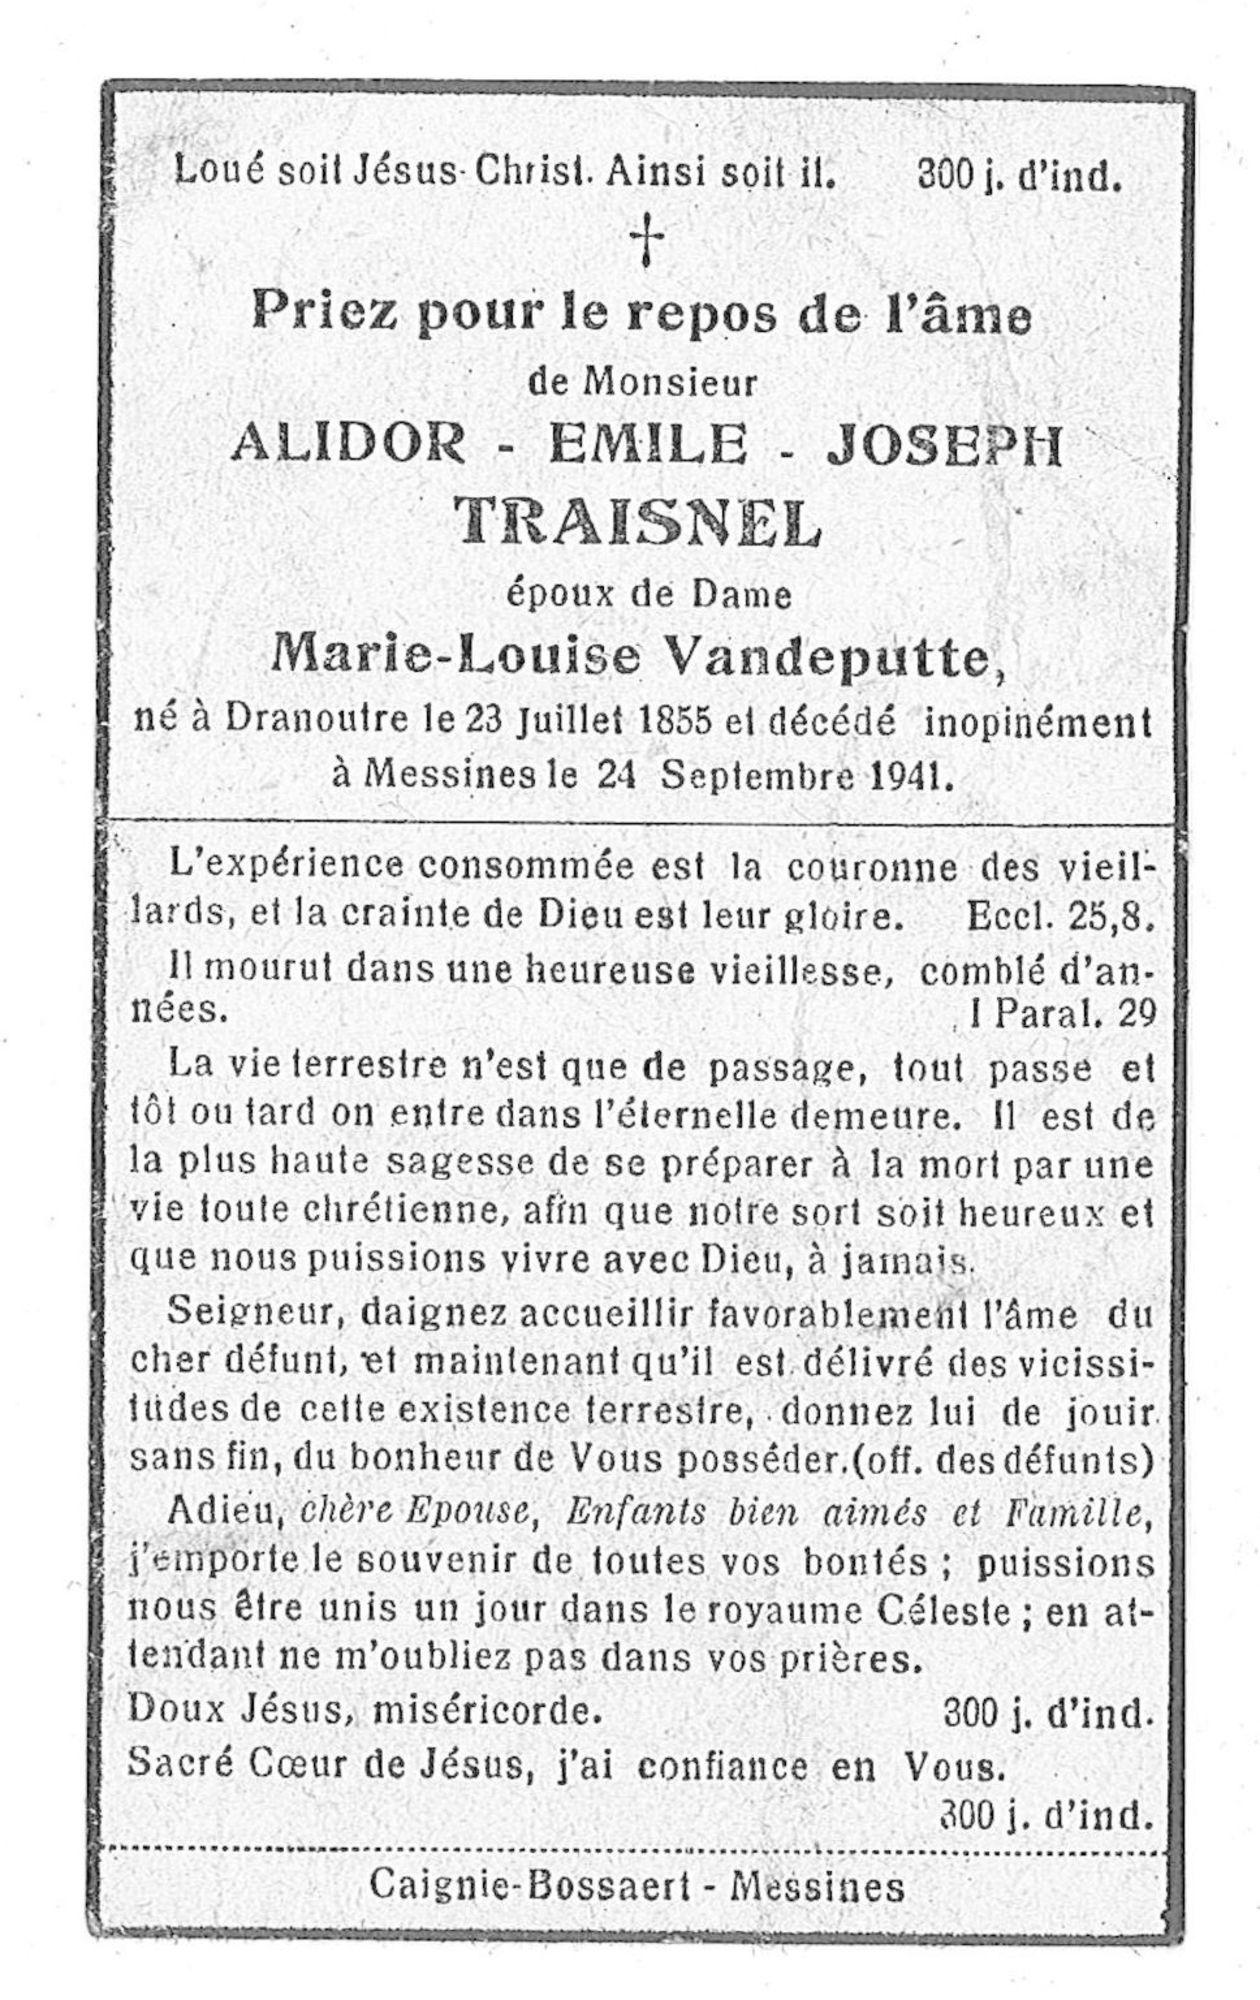 Alidor-Emile-Joseph Traisnel